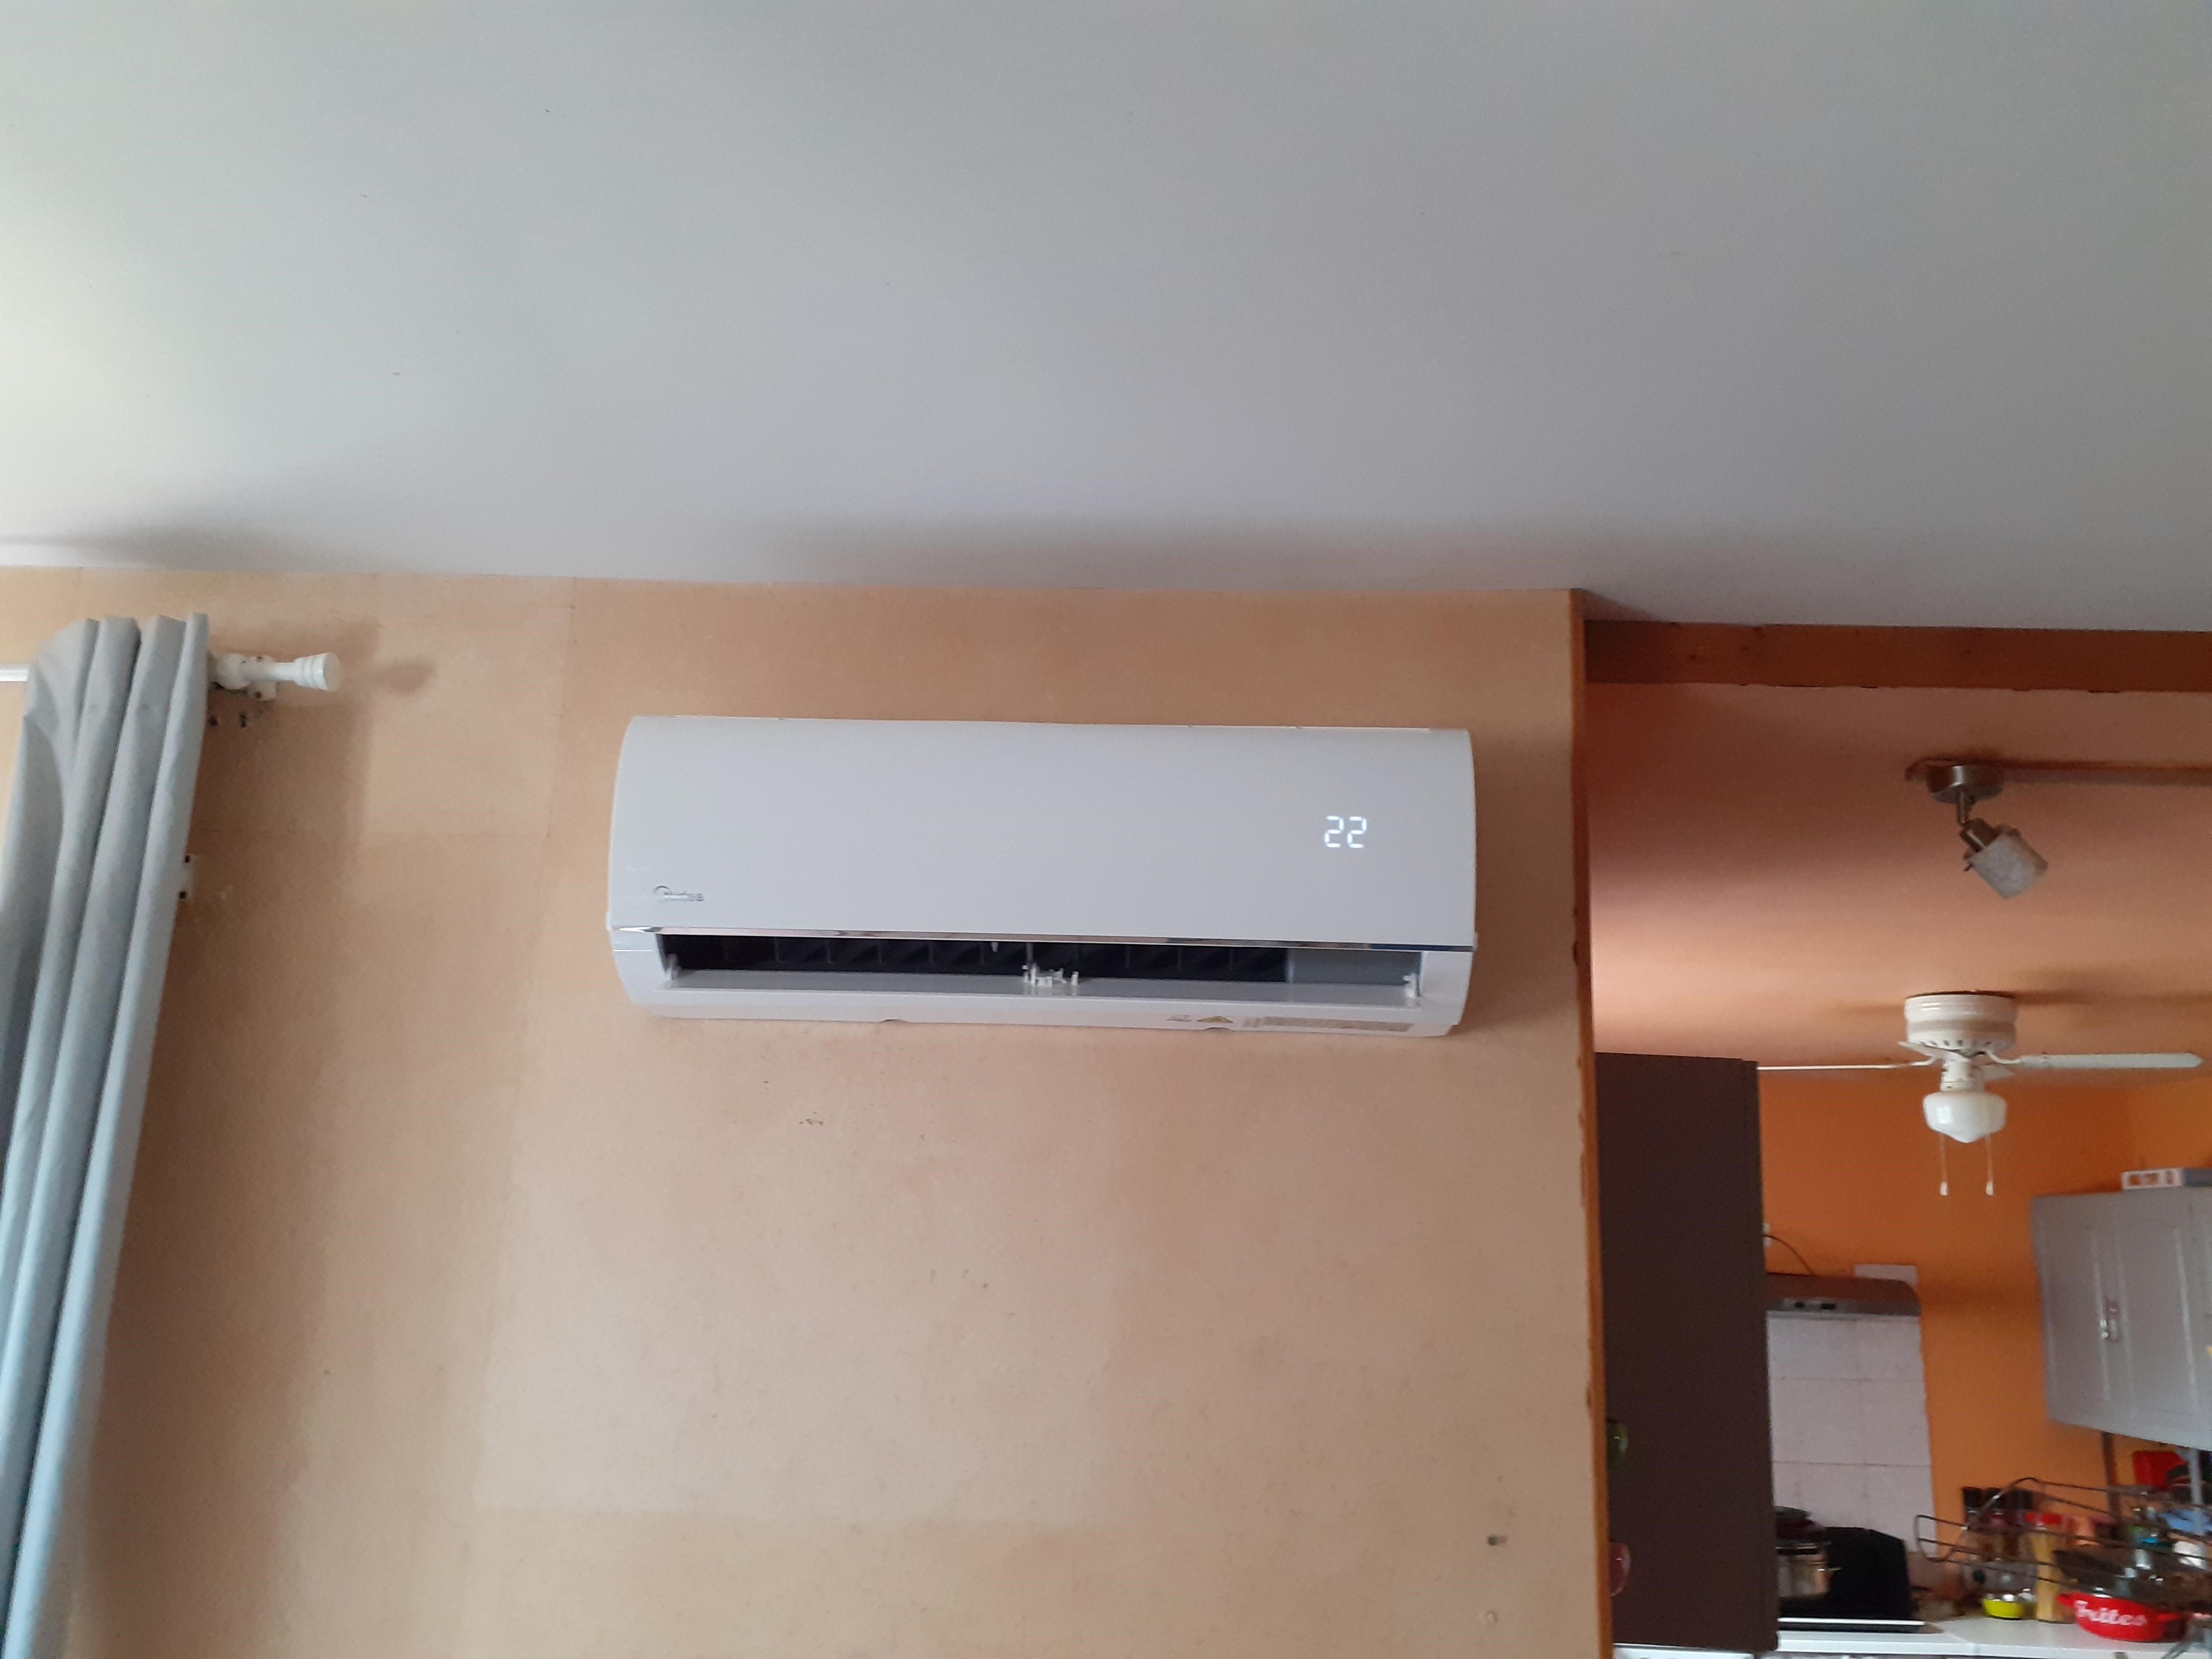 Les pompes à chaleur améliorent le confort de vie : ces dernières peuvent rafraichir la température de votre maison en été tout comme la réchauffer en hiver.  Tout ceci dans une démarche écologique car les pompes à chaleur s'alimentent grâce à des ressources respectueuses de l'environnement (fluide écologique R32)